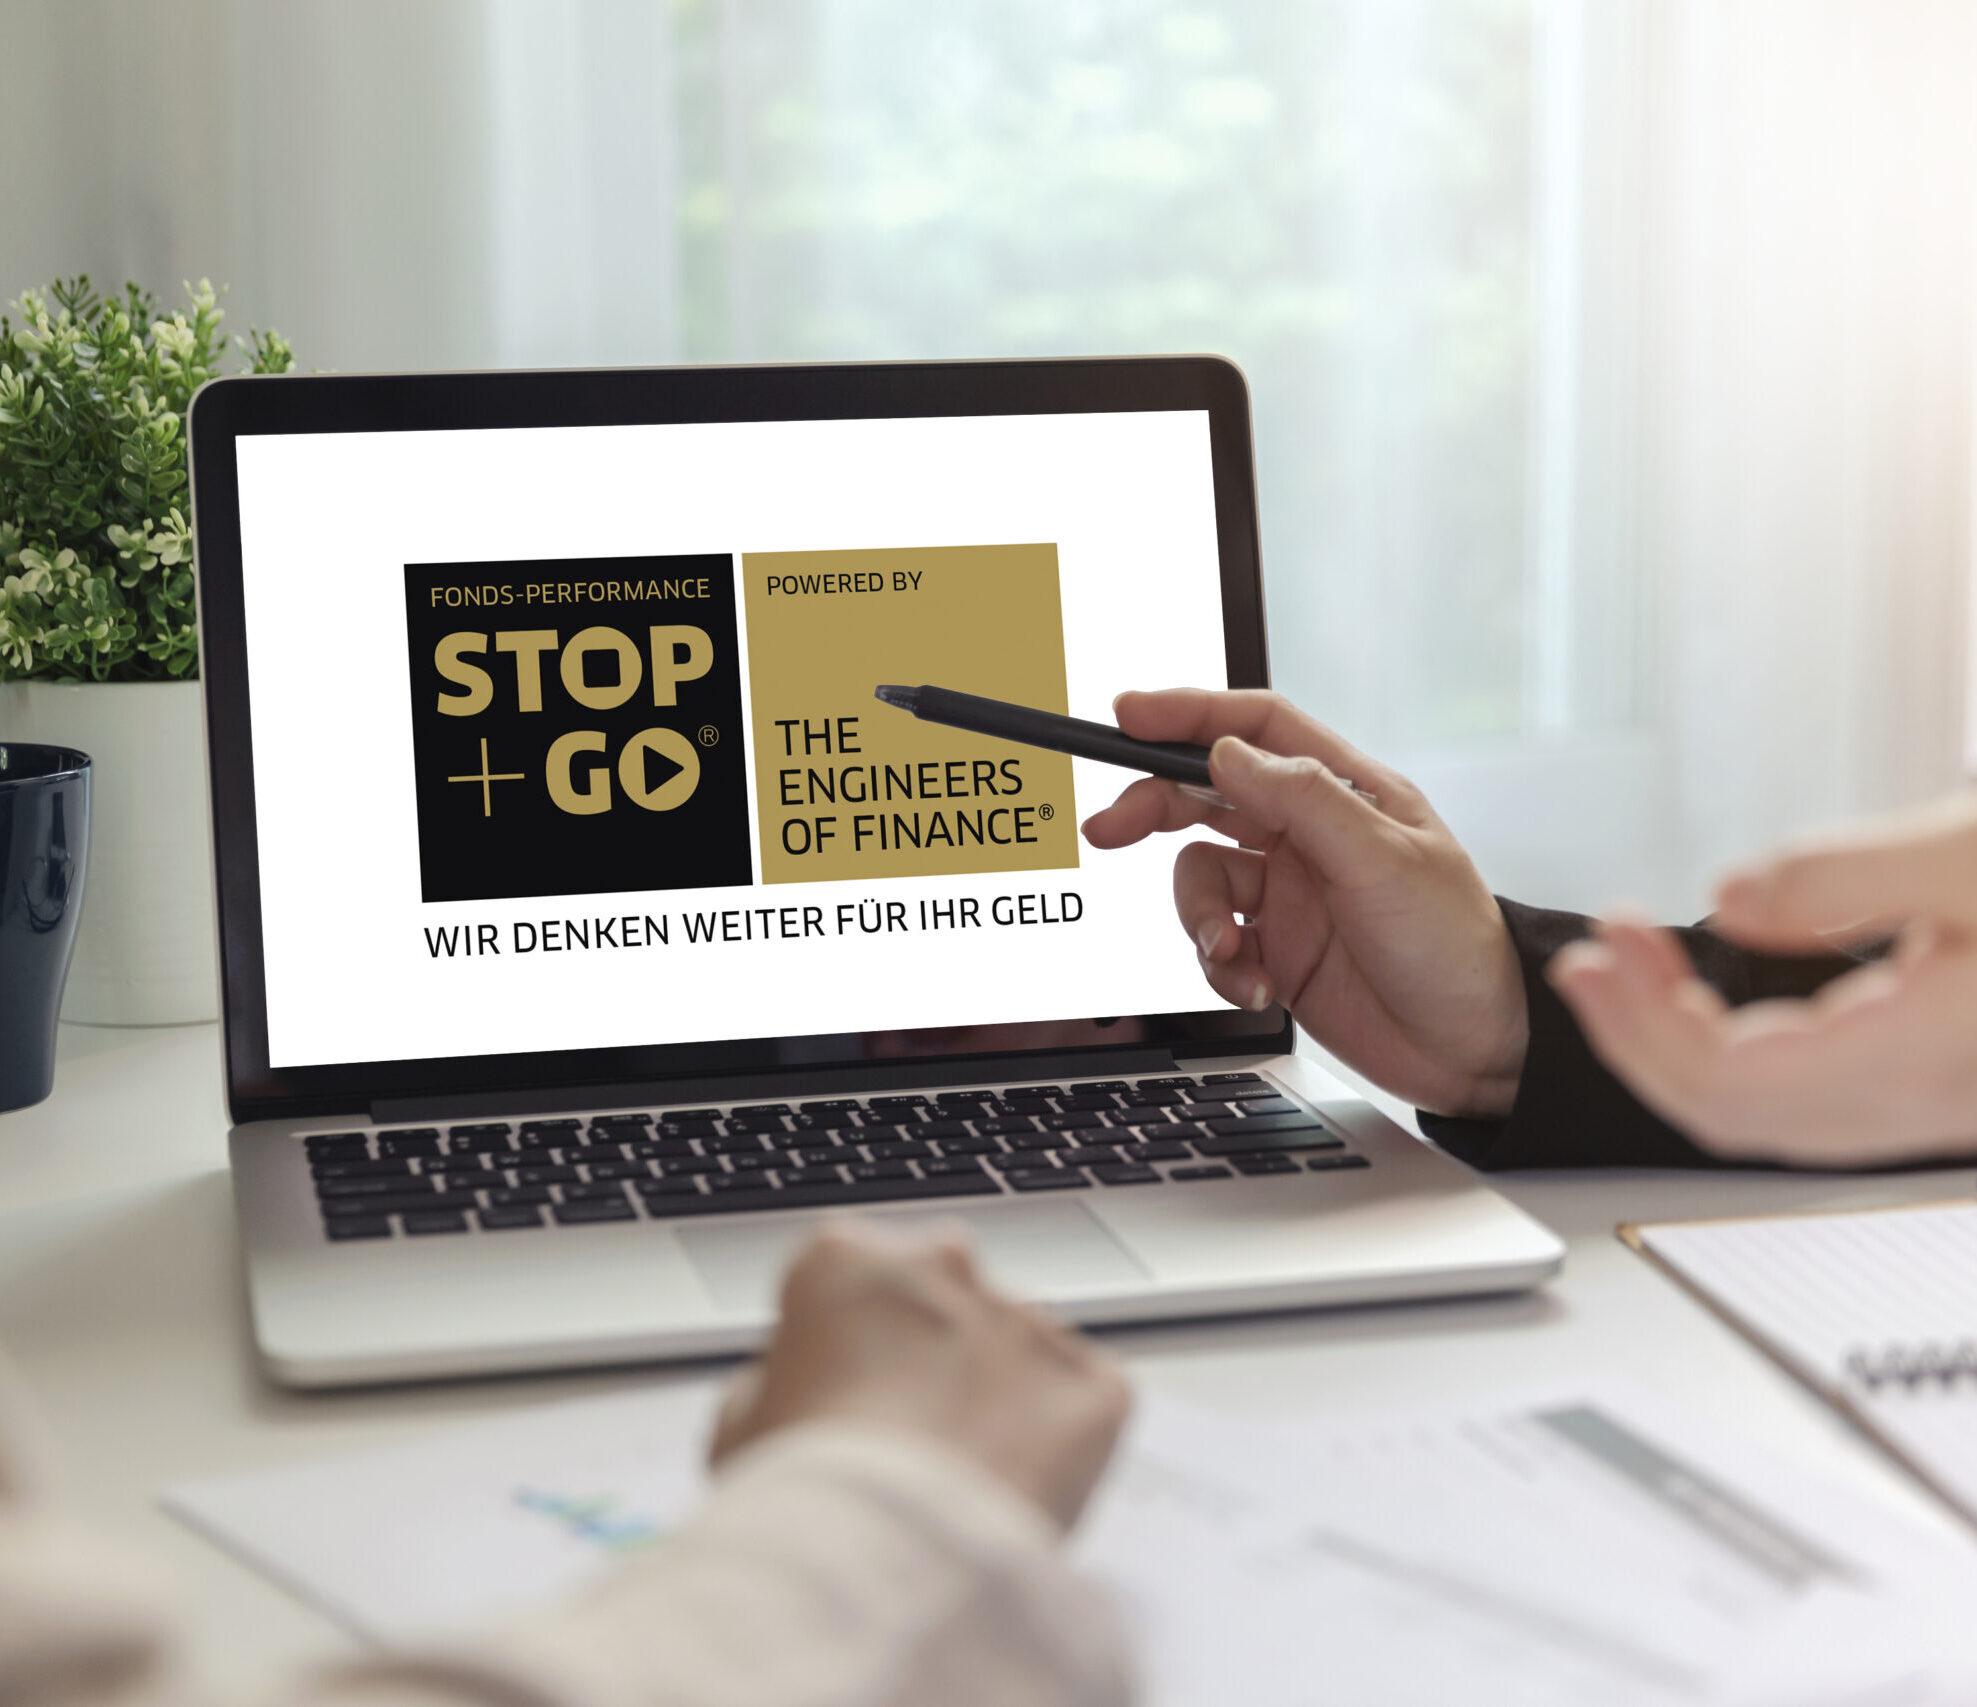 Stop+Go, Engineers of Finance, das bundesweite Premium-Netzwerk handverlesener und wirtschaftlich selbständig agierender Finanzexperten für Ihre finanziellen Ziele!